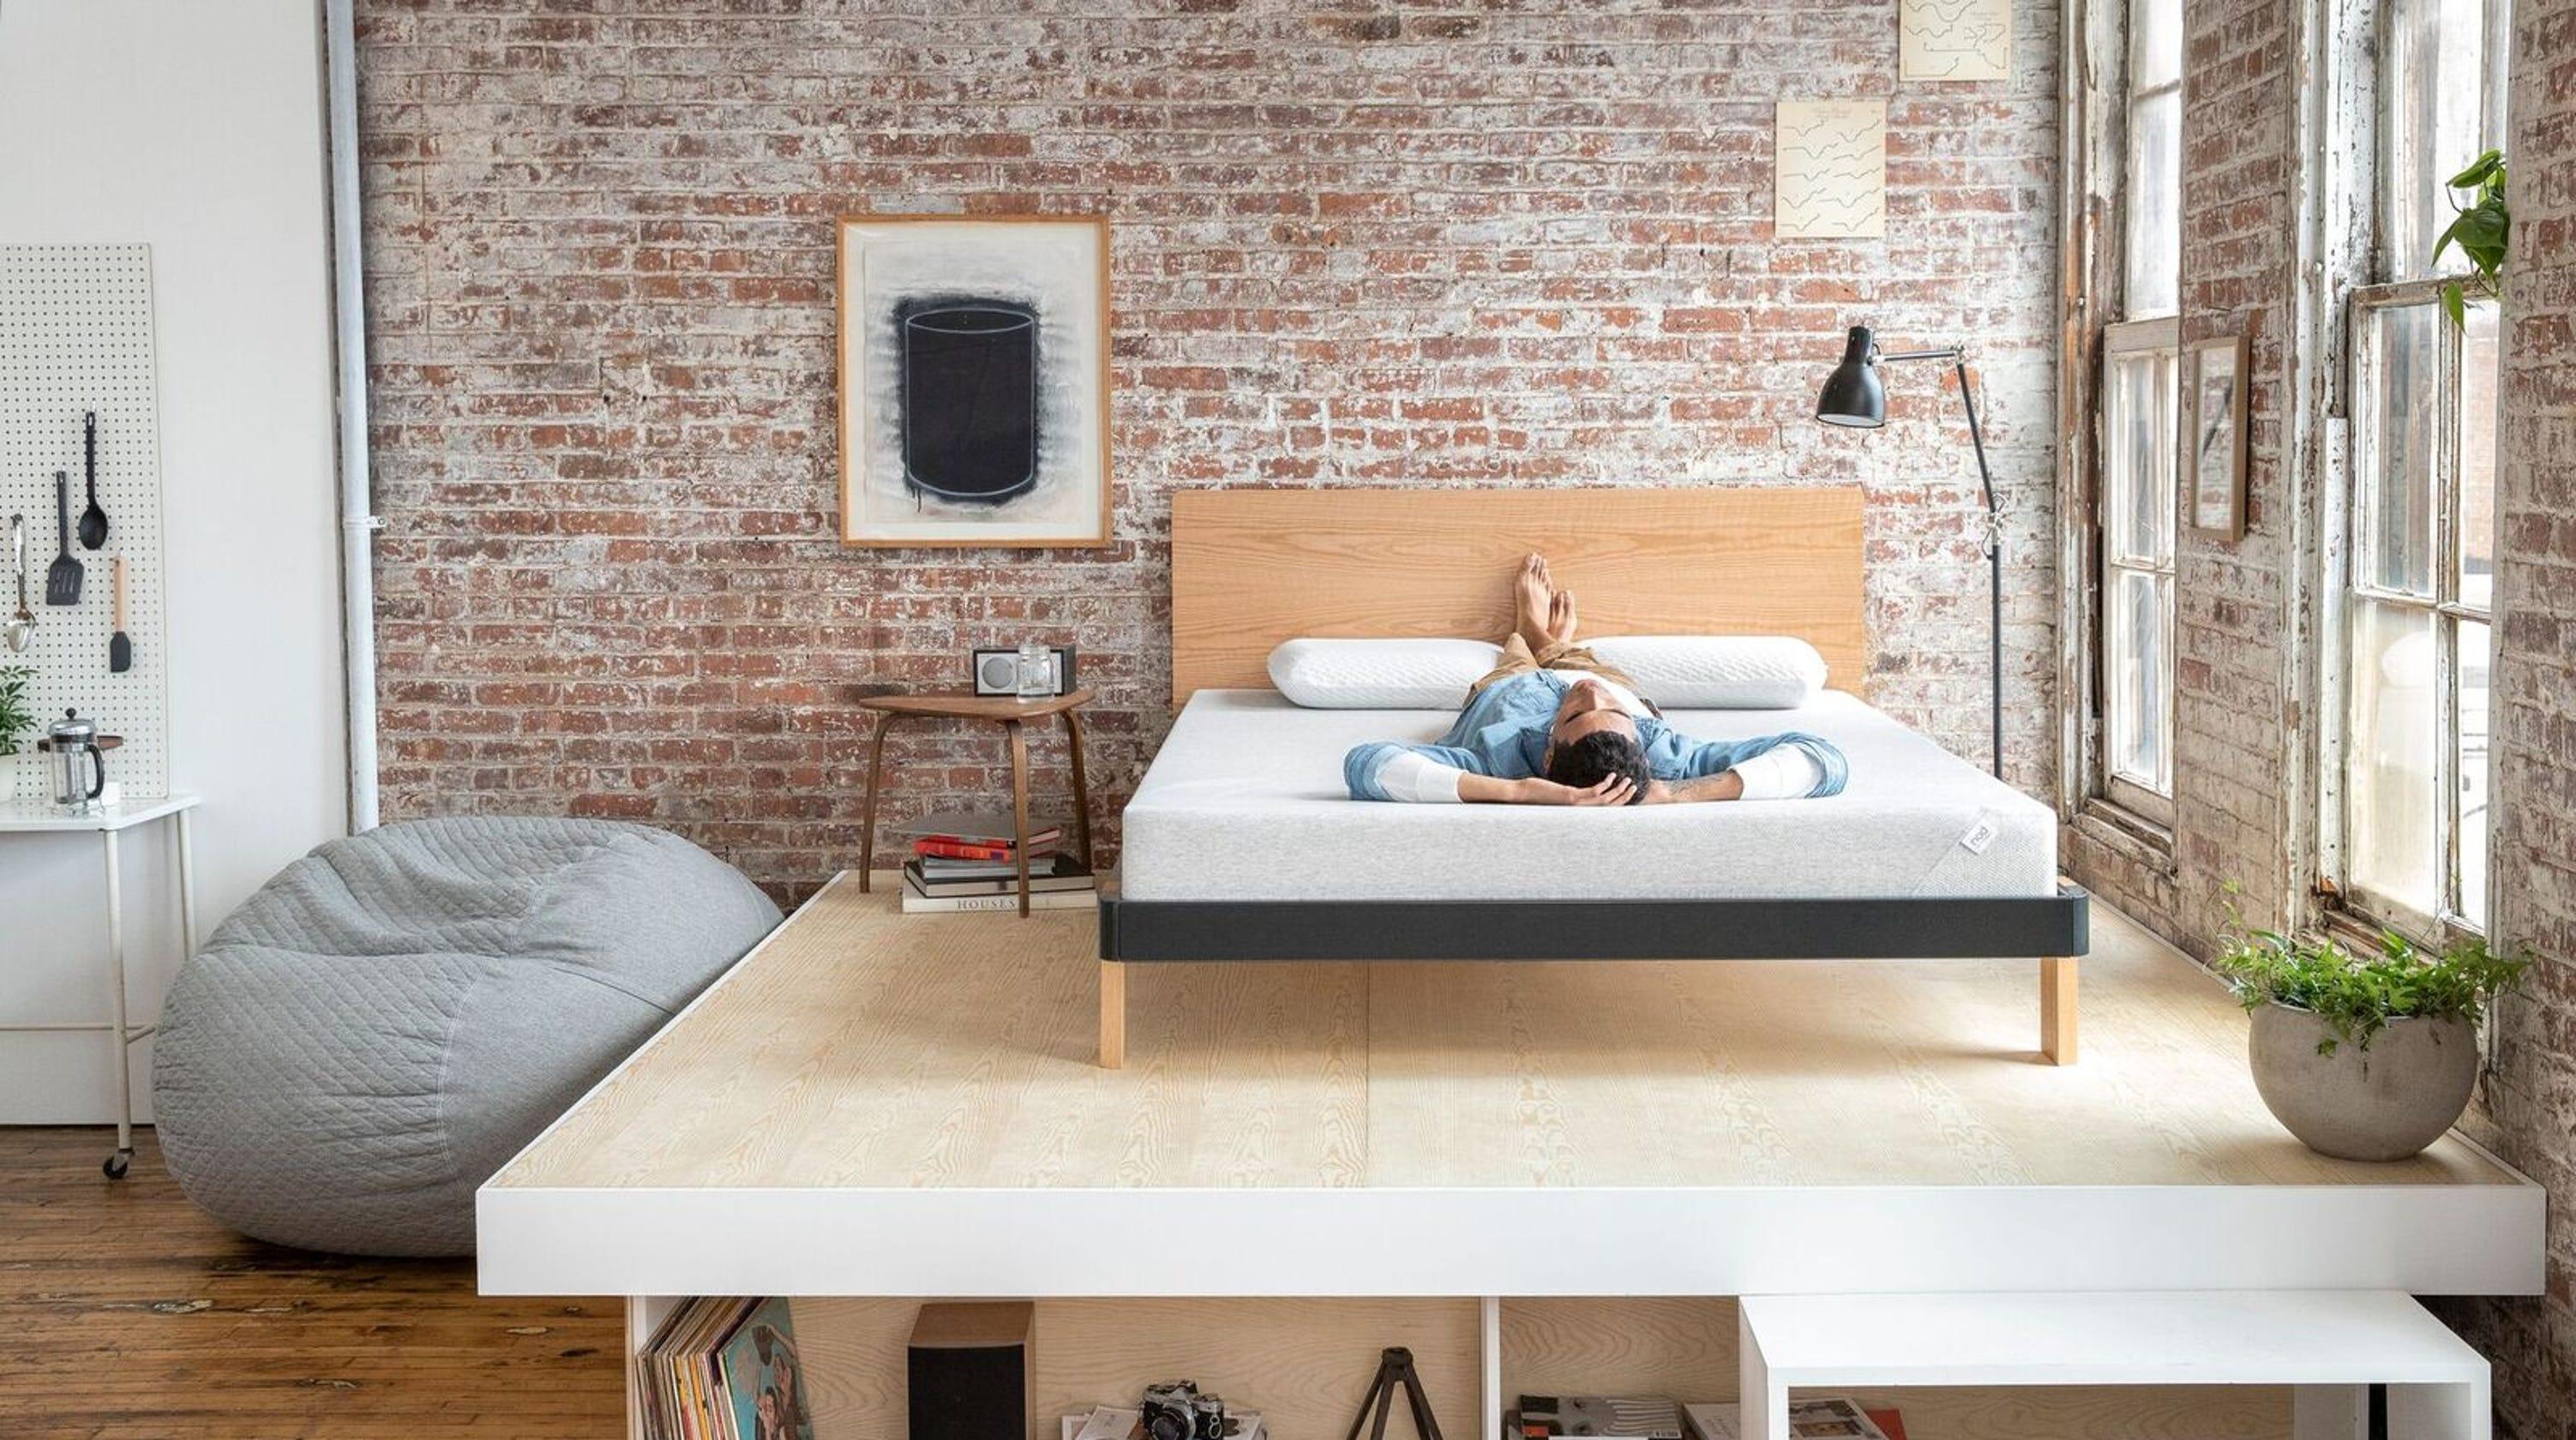 Serta Simmons, Tuft & Needle introduce $275 mattress on Amazon